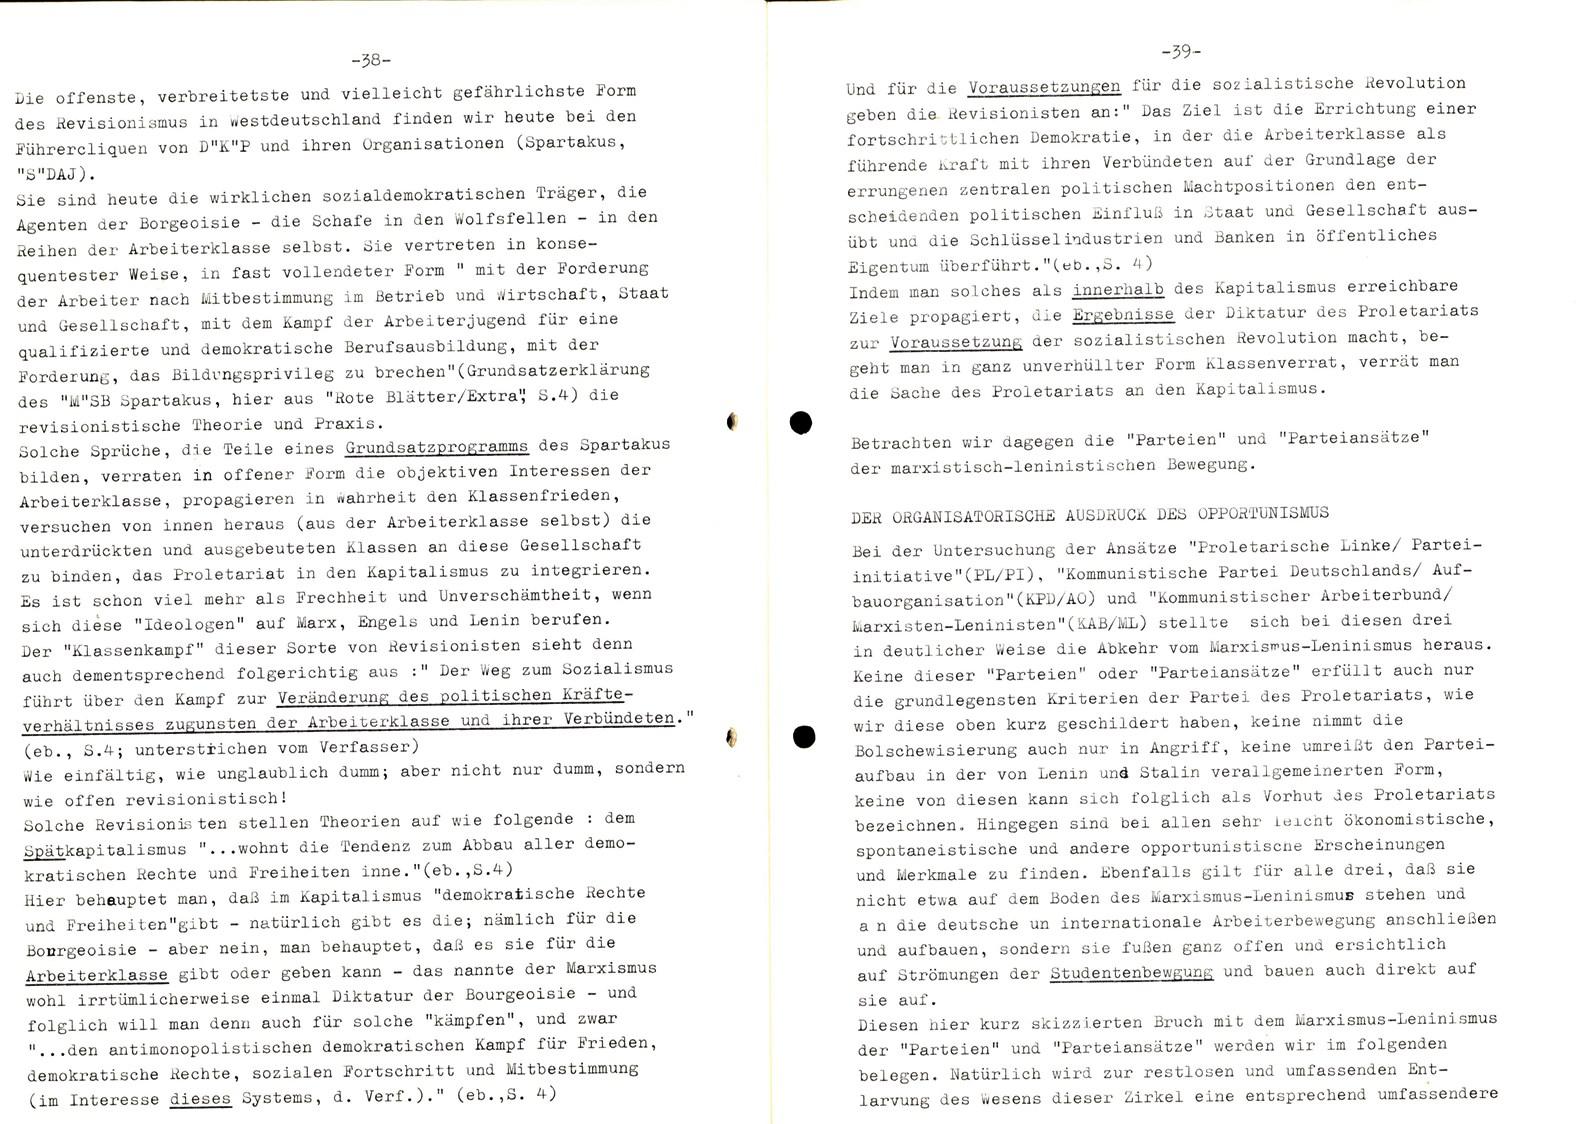 Aachen_KSBML_1971_Selbstkritik_21